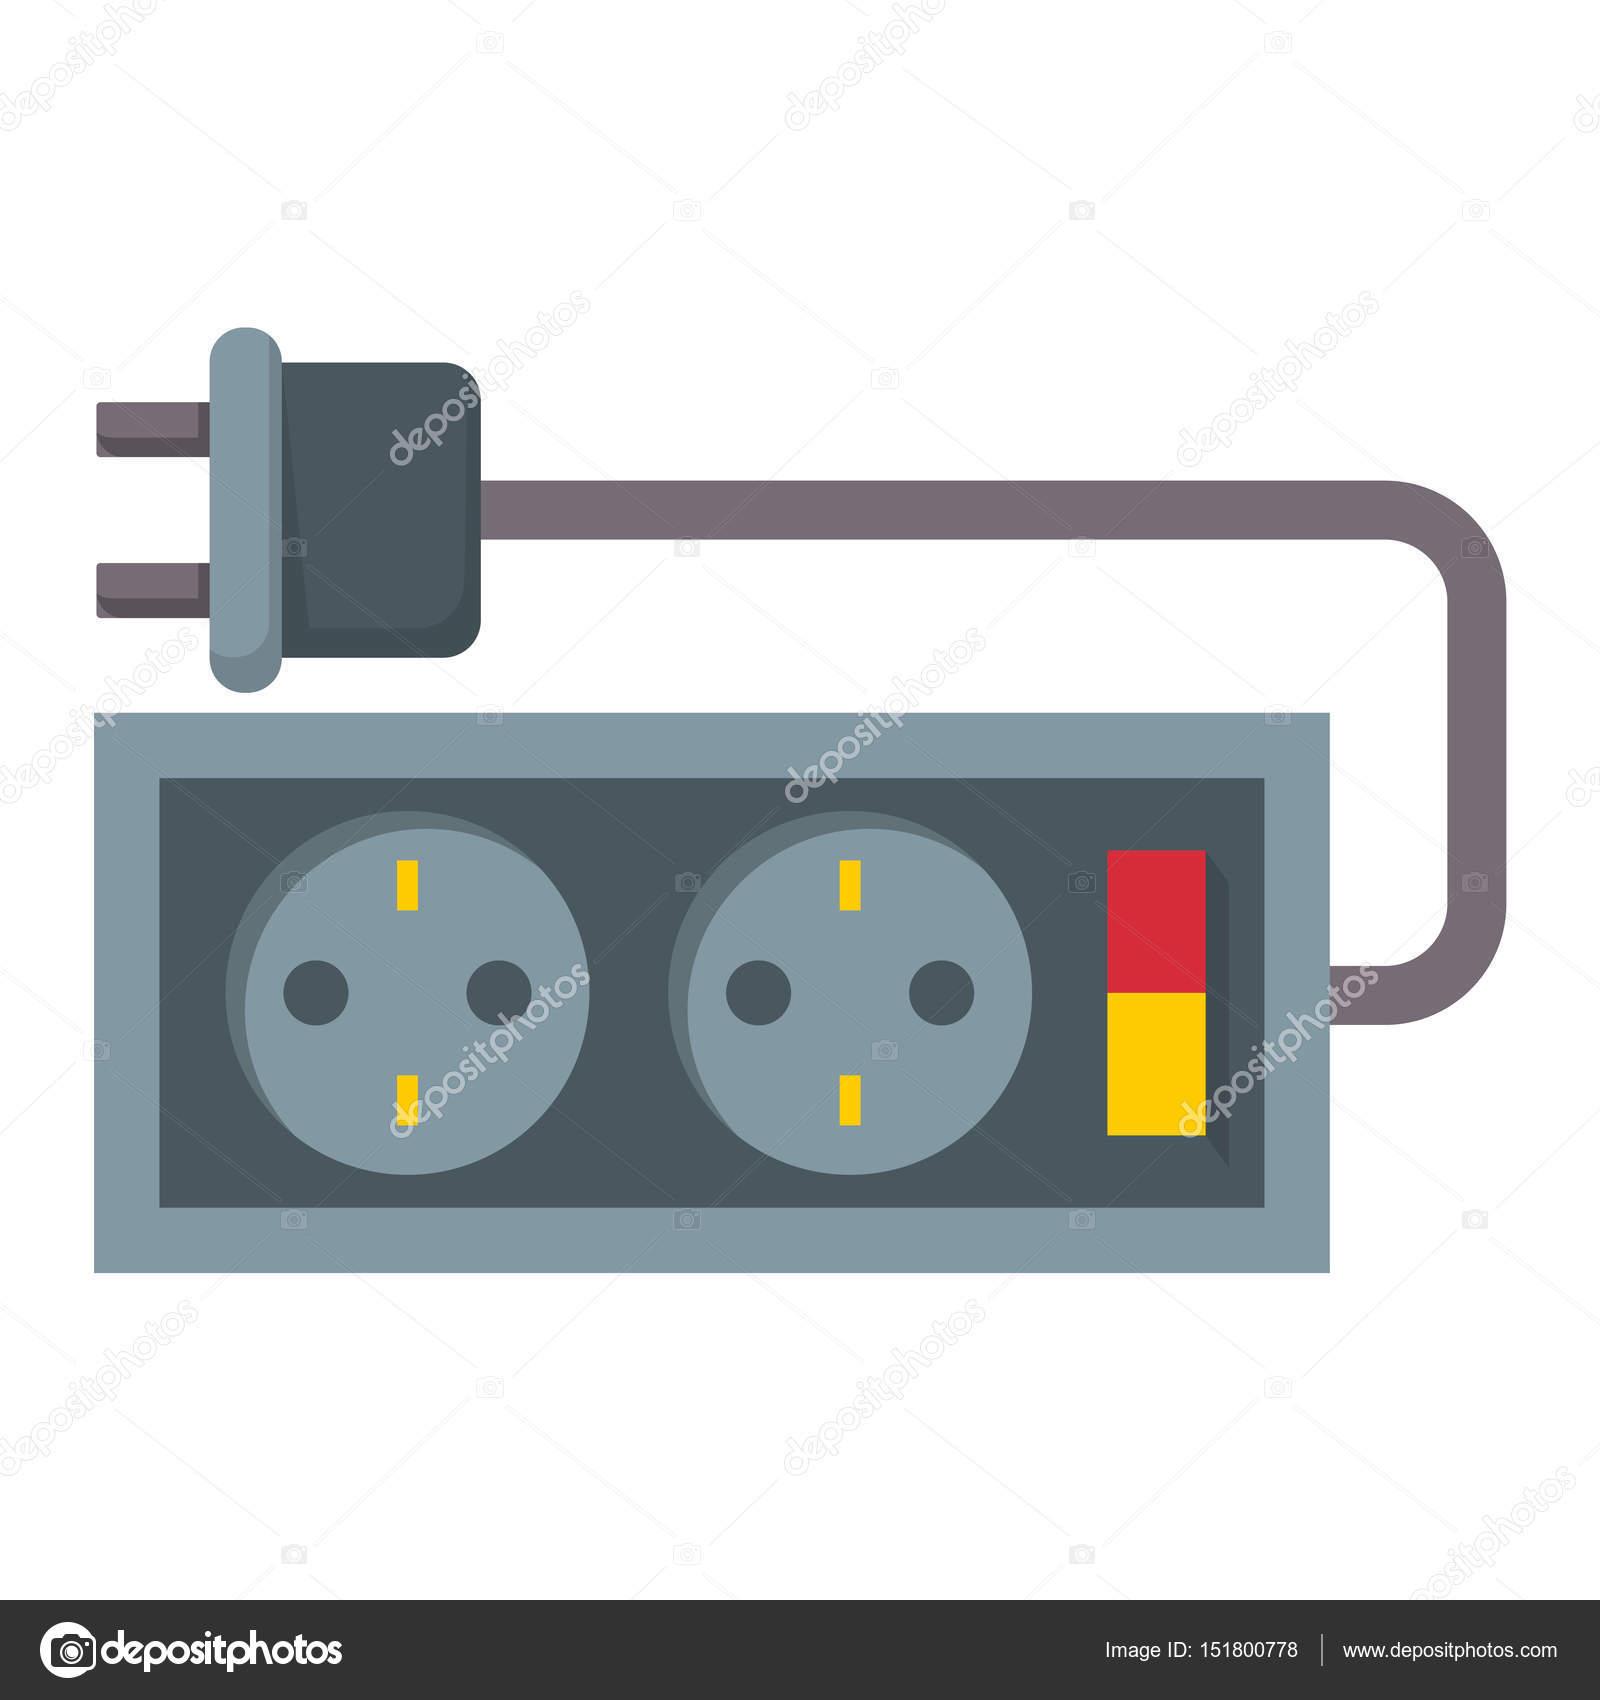 コンセント図エネルギー ソケット電気プラグ ヨーロッパ アプライアンス内部のベクター アイコン。ワイヤー ケーブル  コード接続電気二重アメリカの消費電力 ...